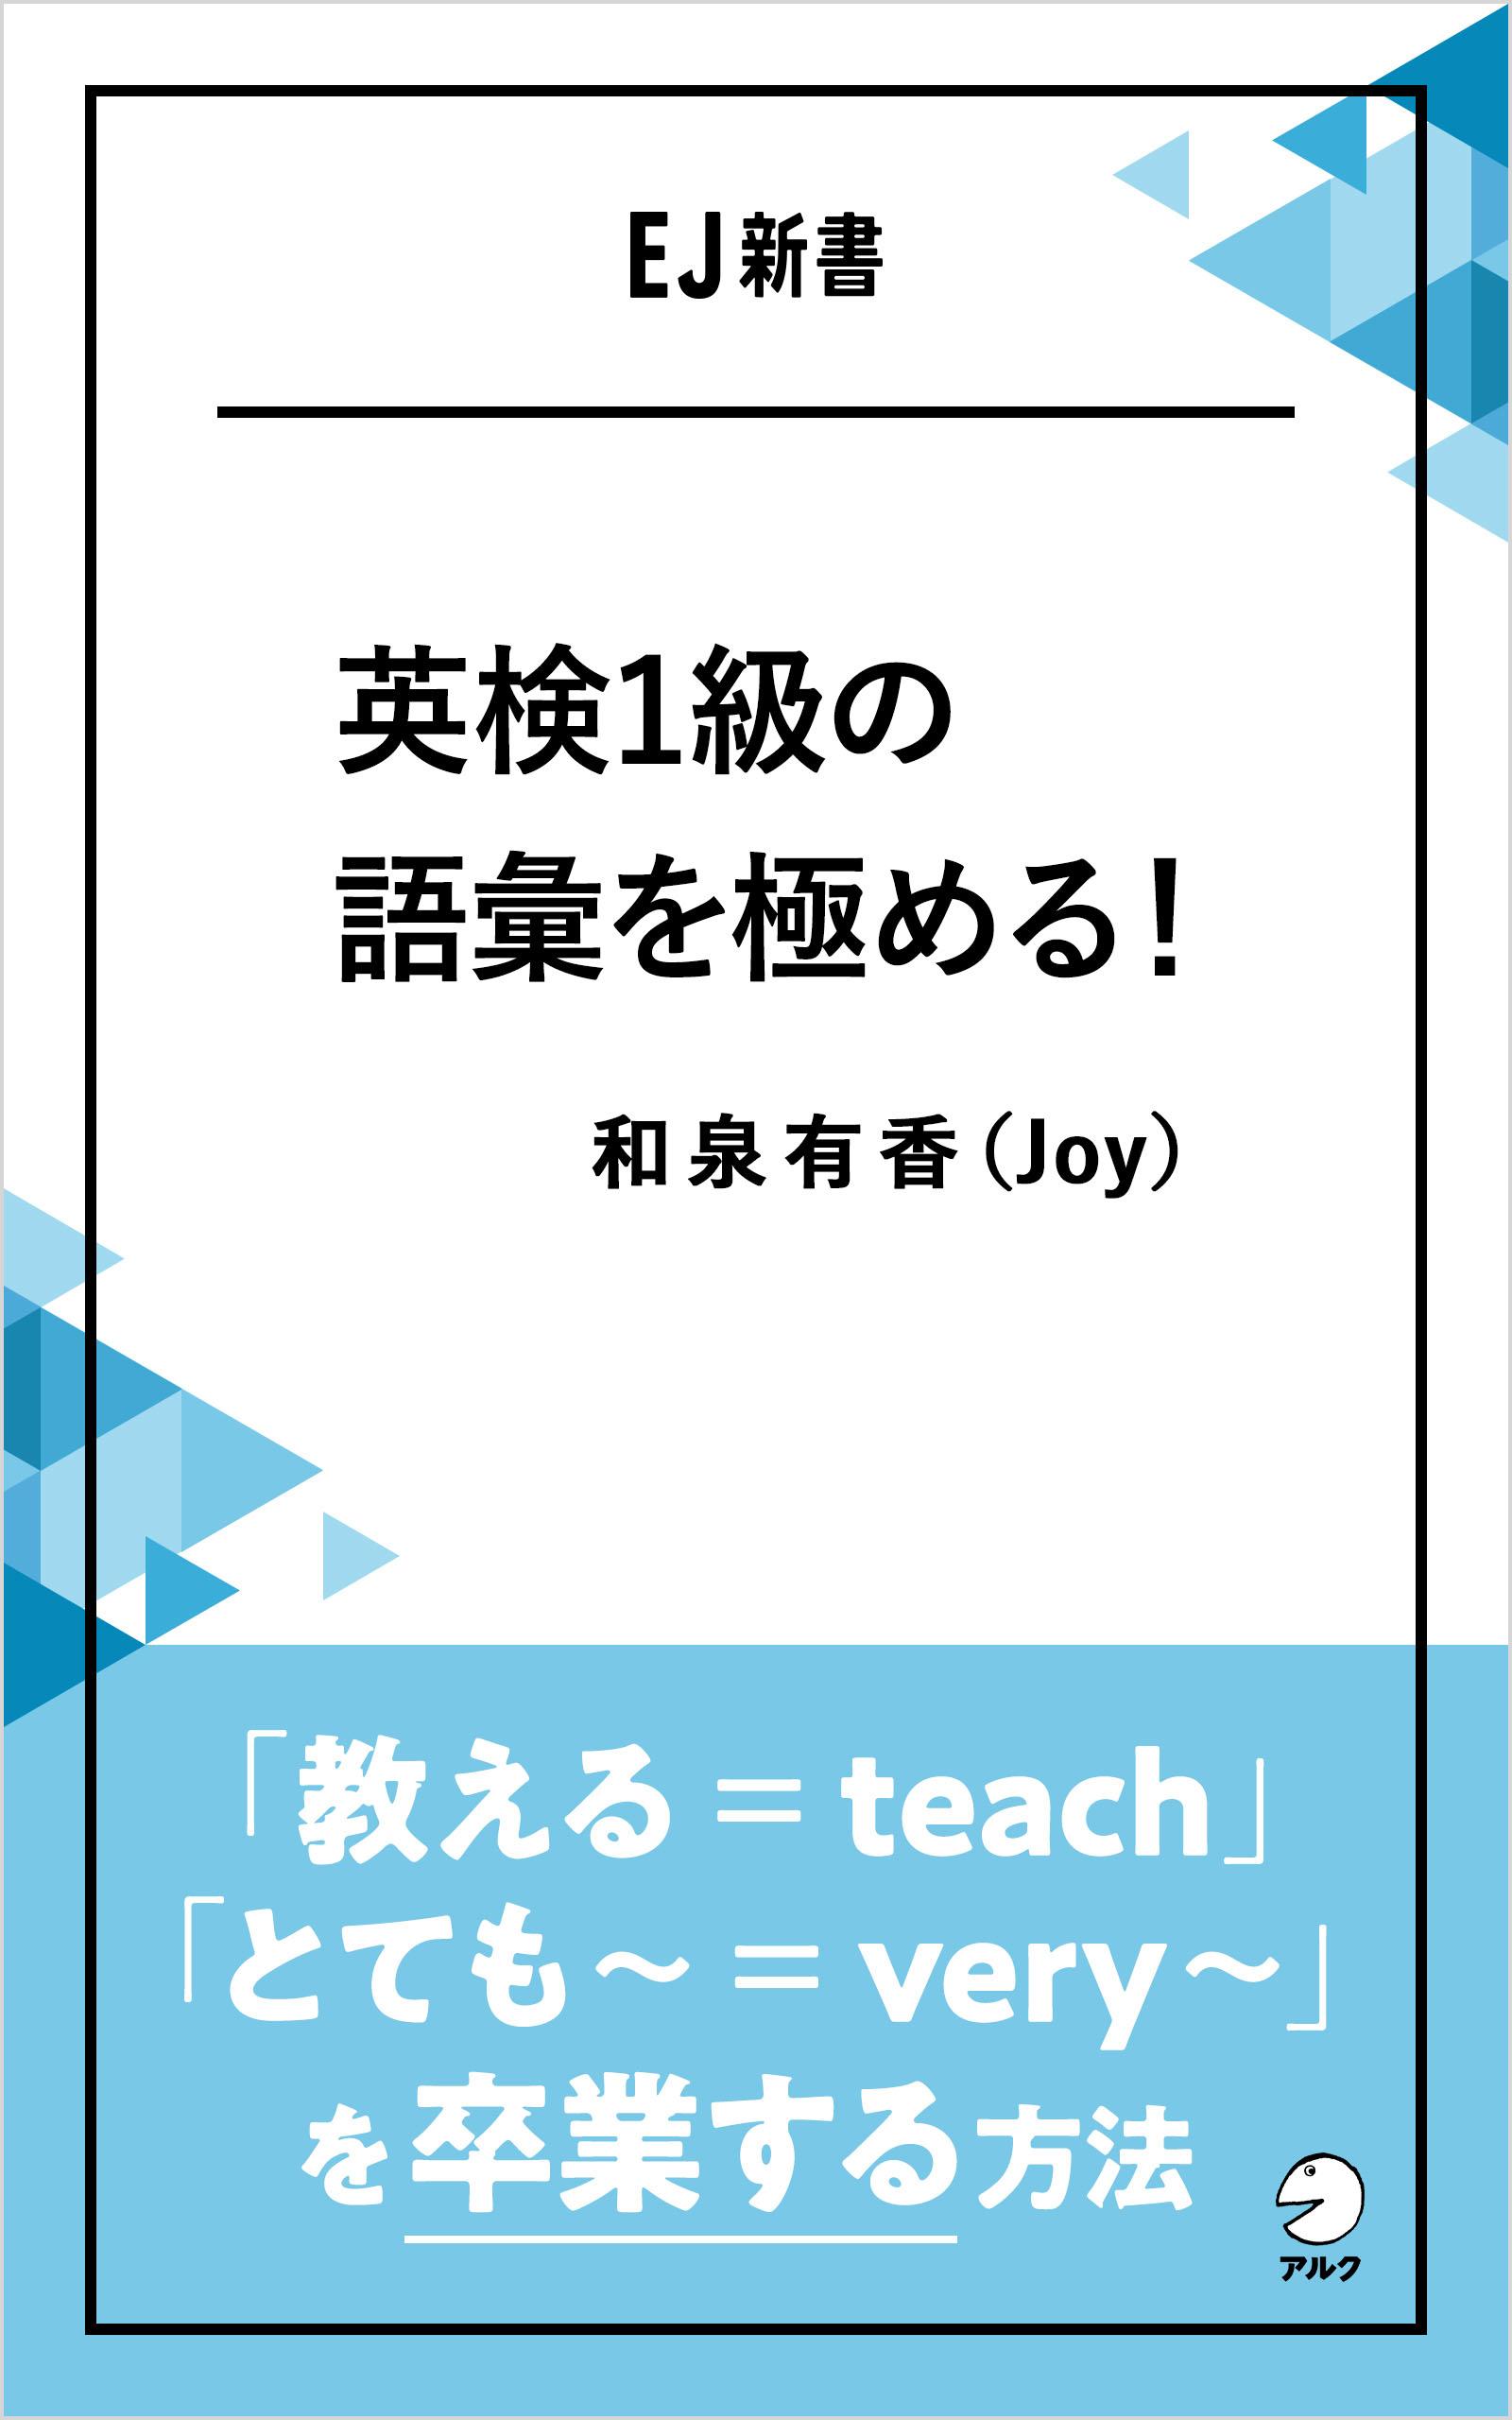 『英検1級の語彙を極める!』和泉有香(Joy)著